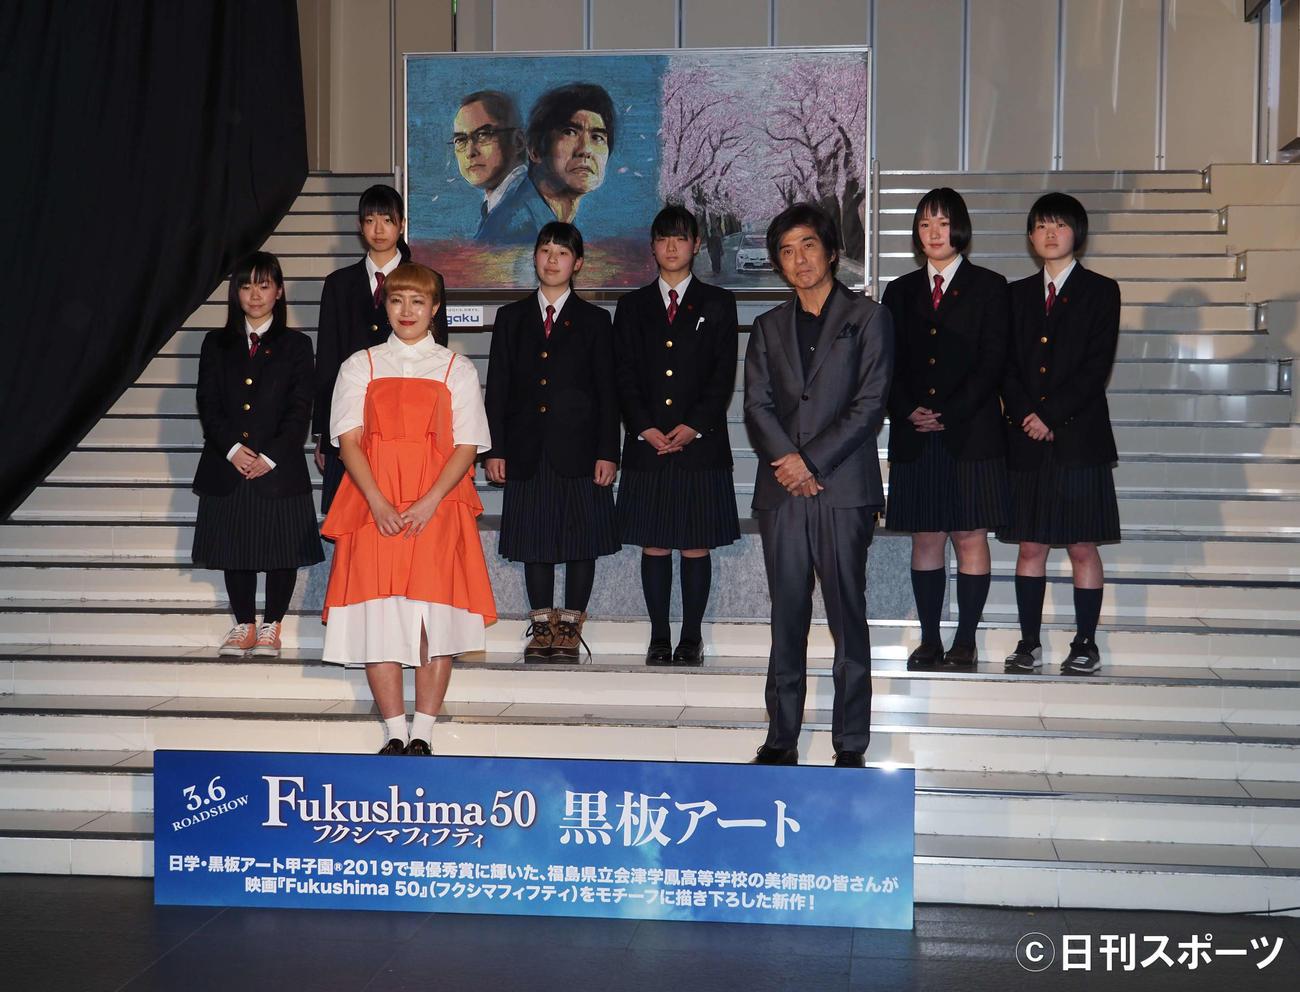 映画「Fukushima 50」黒板アートイベントに出席した丸山桂里奈(左)と佐藤浩市。後方は福島・会津学鳳高校の生徒たち